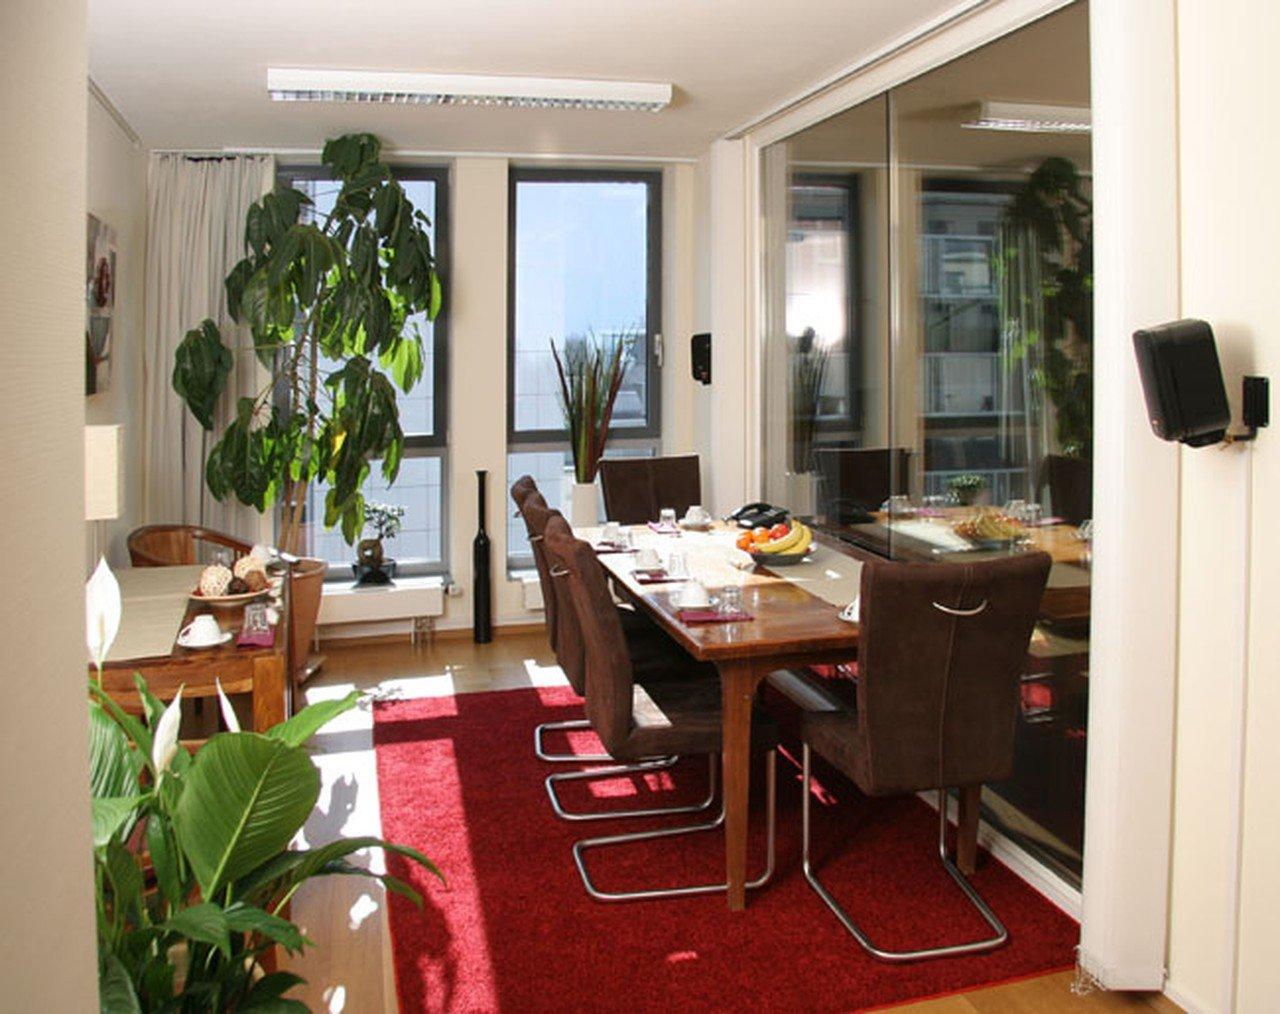 Köln conference rooms Meetingraum ACE International - GD 4OG image 0